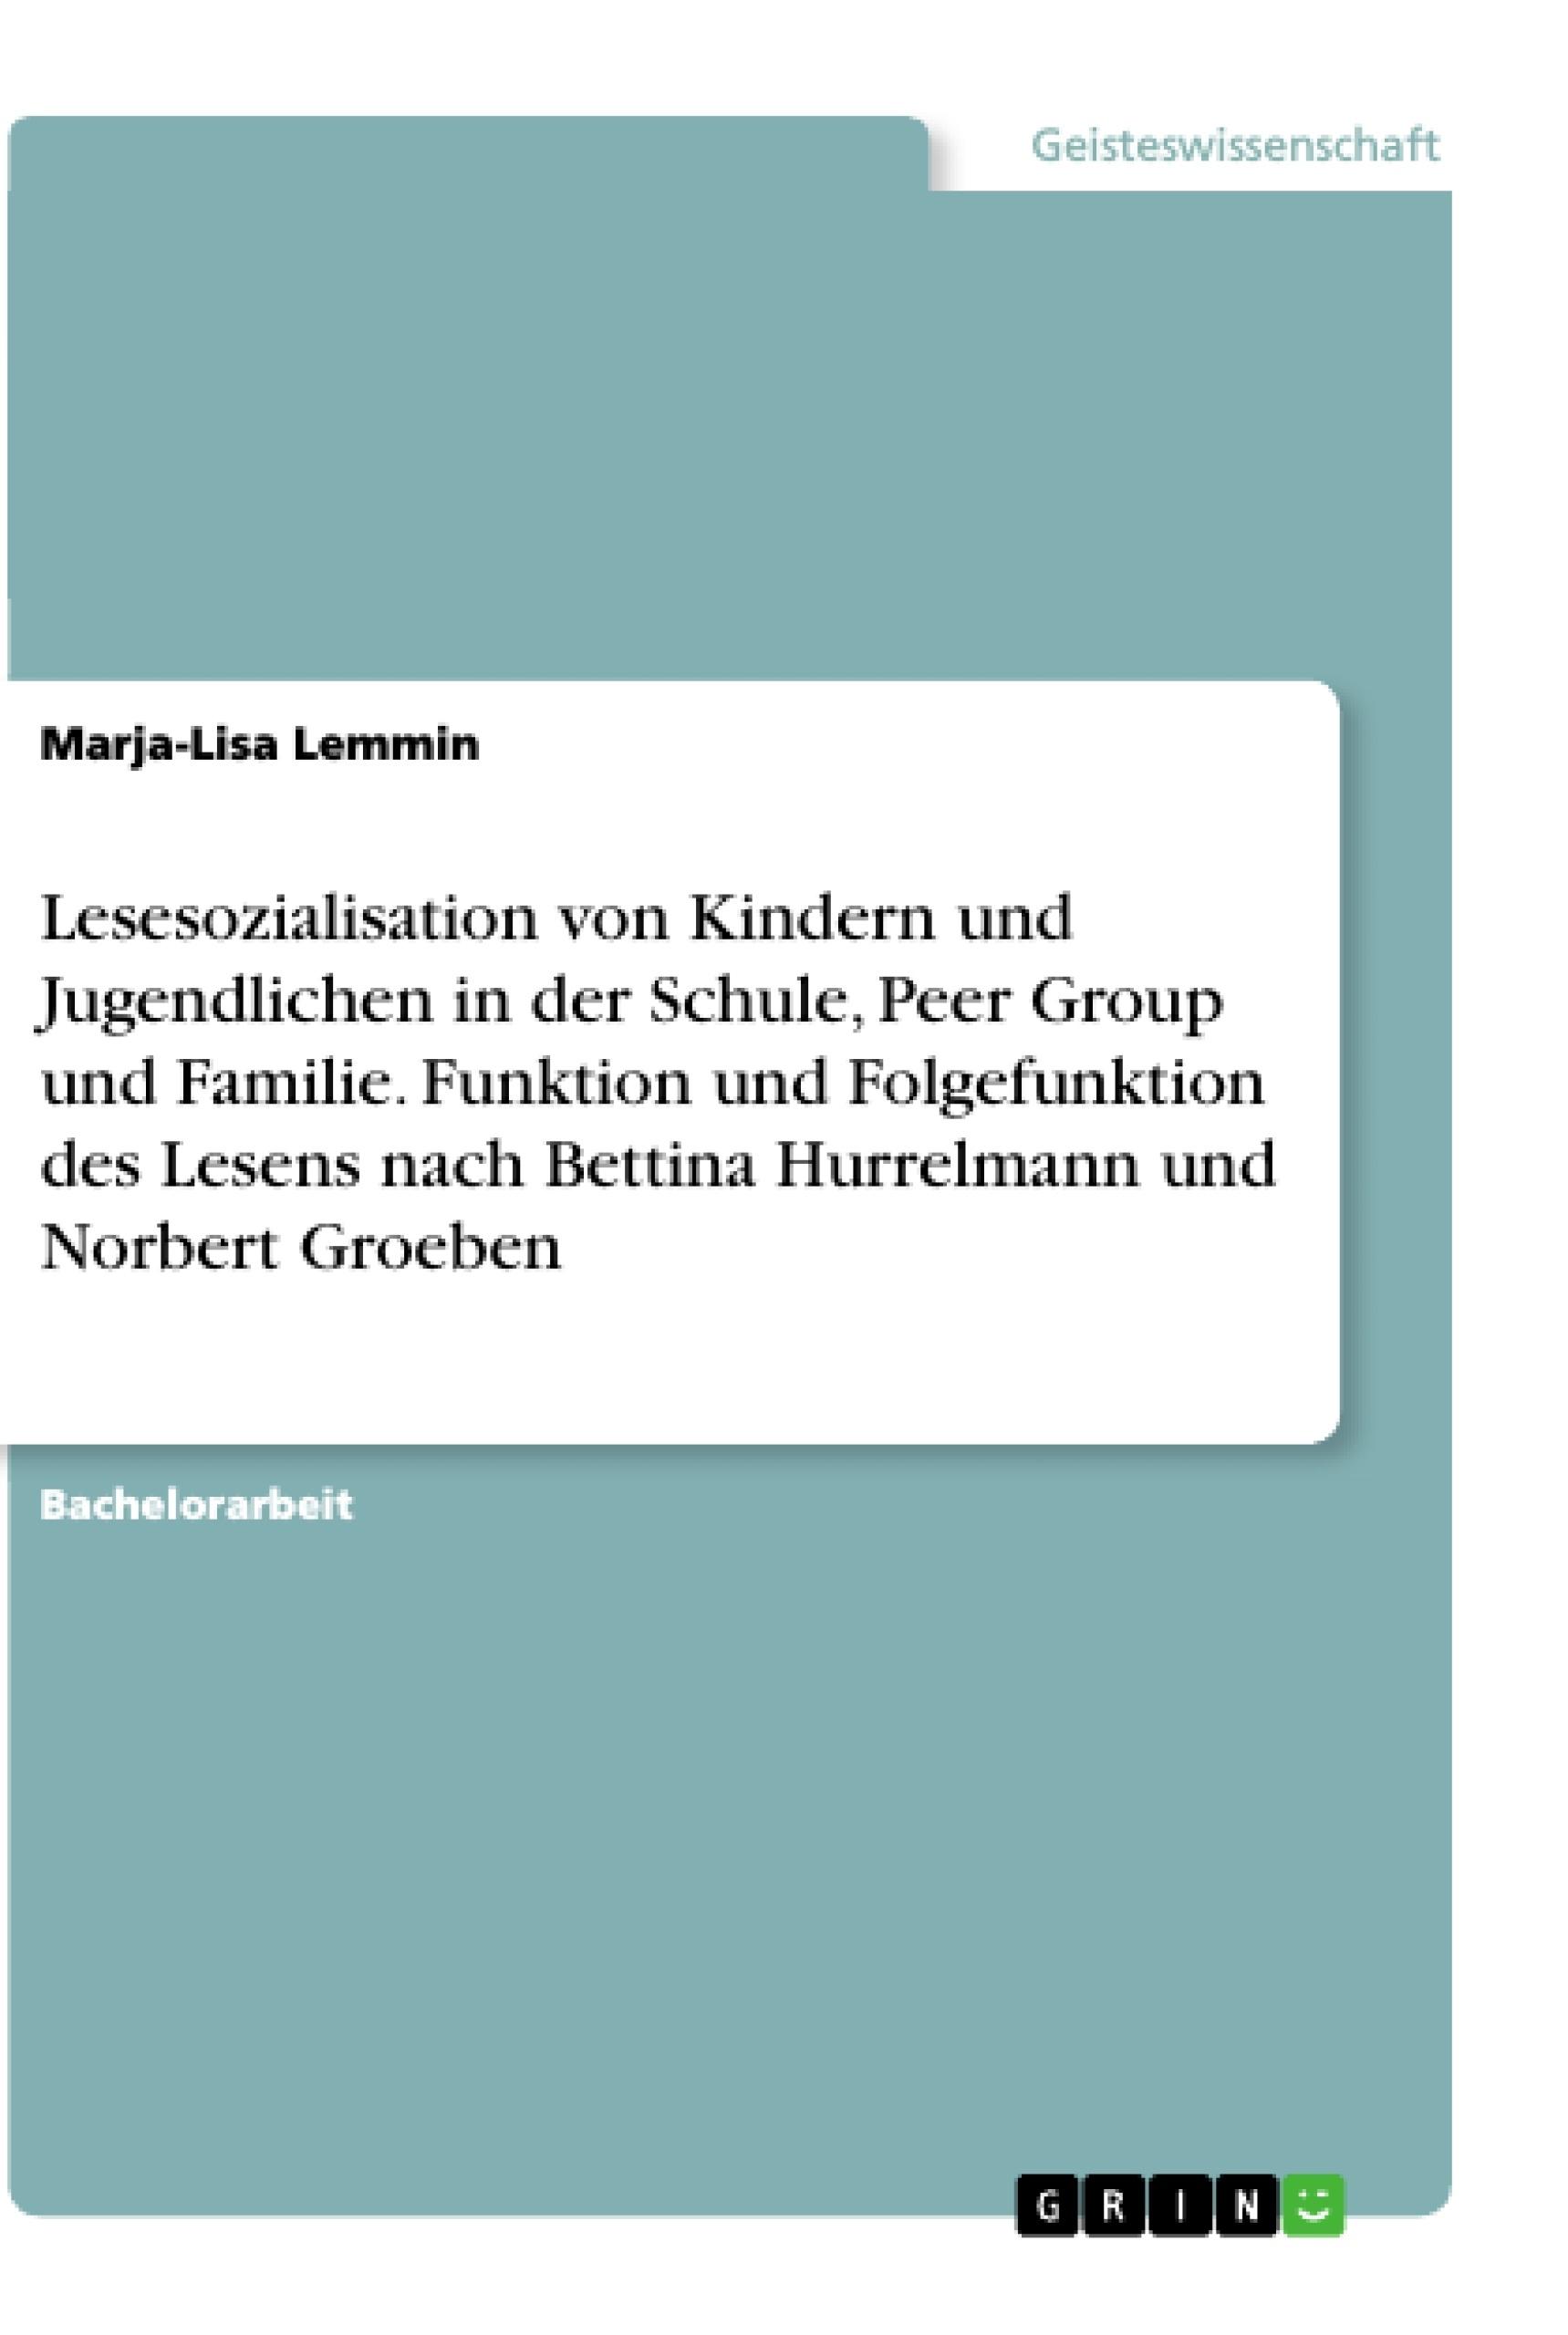 Titel: Lesesozialisation von Kindern und Jugendlichen in der Schule, Peer Group und Familie. Funktion und Folgefunktion des Lesens nach Bettina Hurrelmann und Norbert Groeben